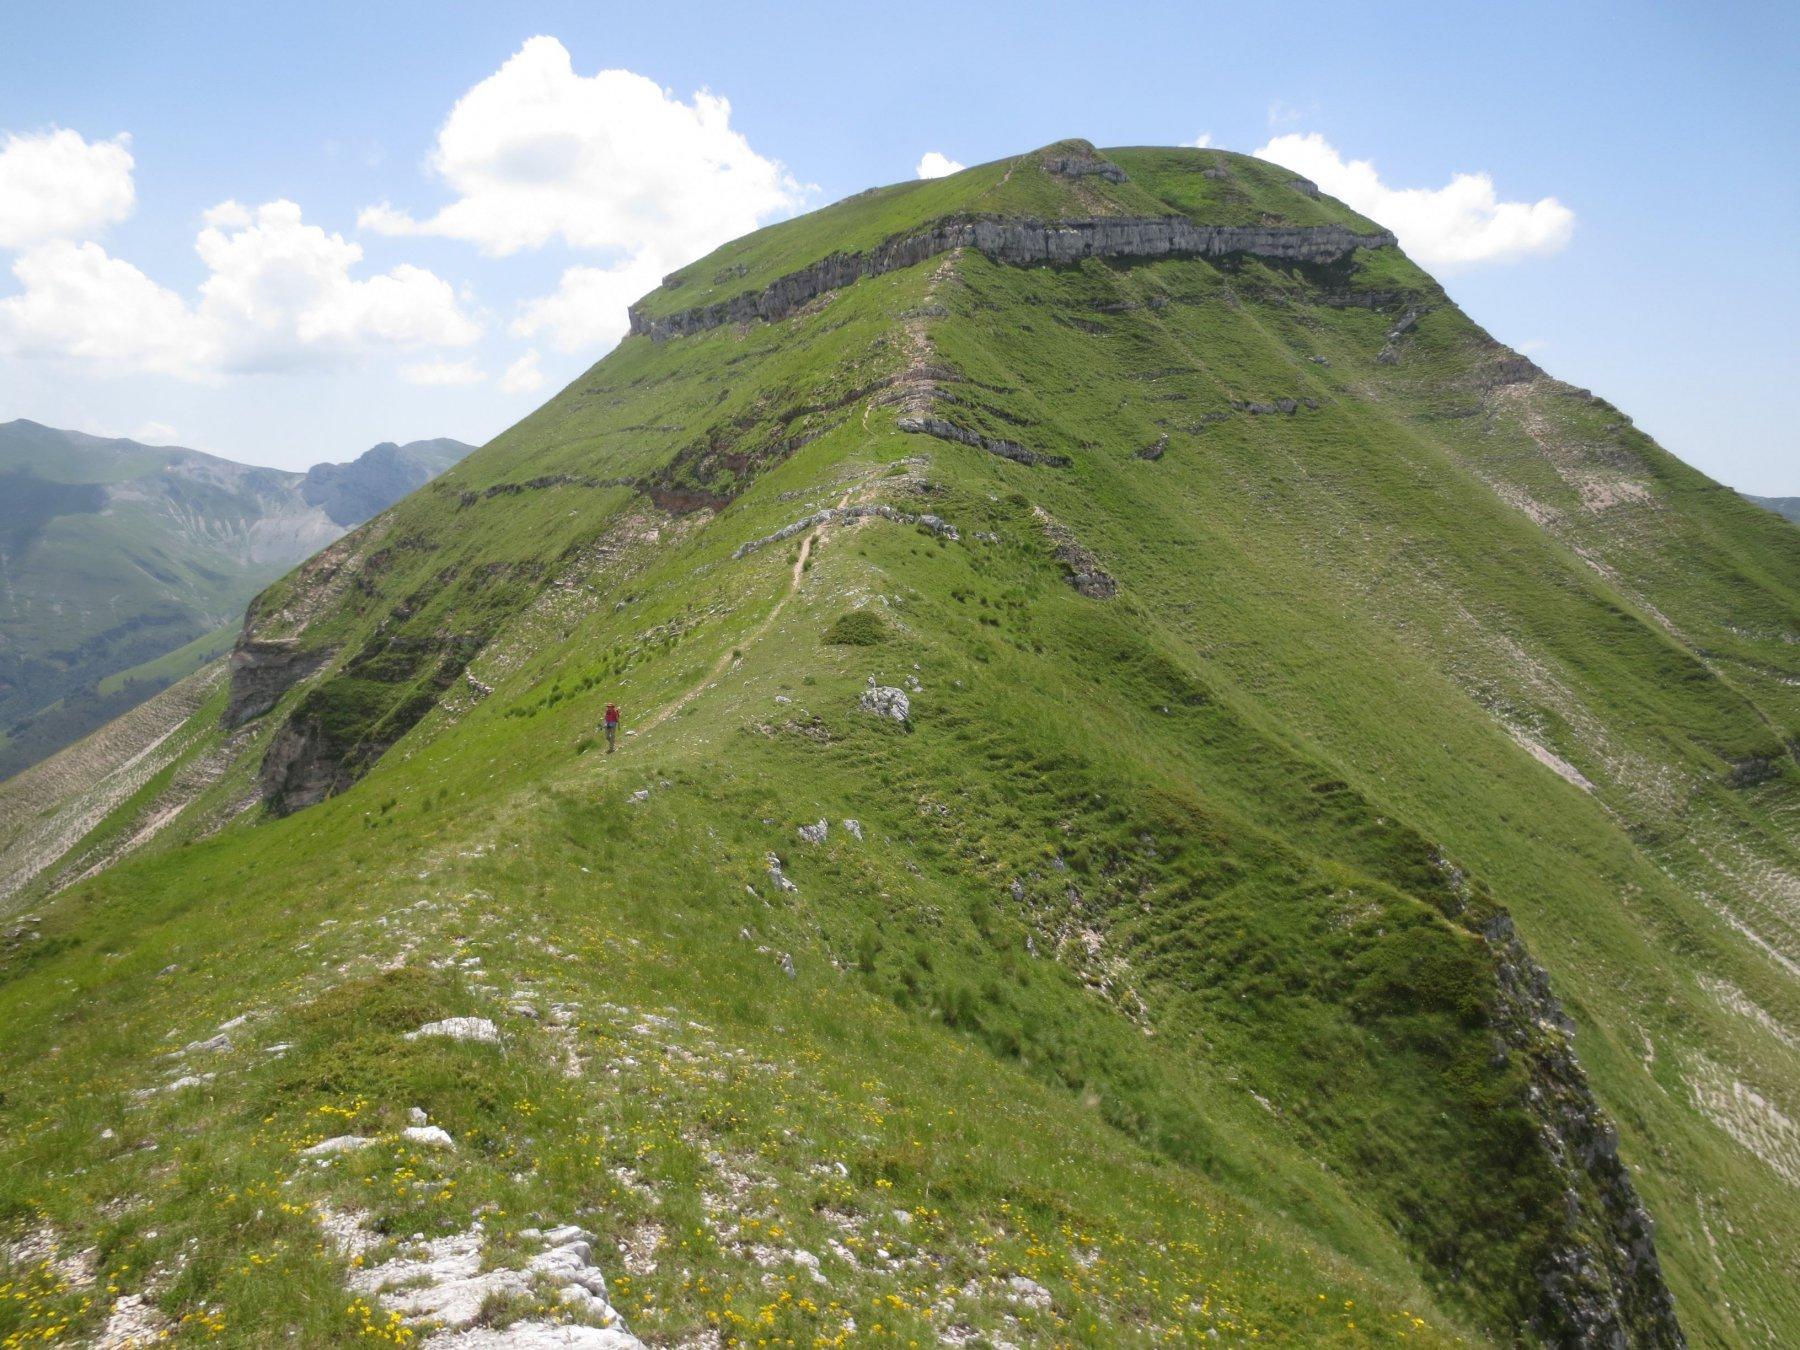 La parte sommitale del Monte Sibilla. Si vede la fascia di rocce da superare per arrivare in cima.